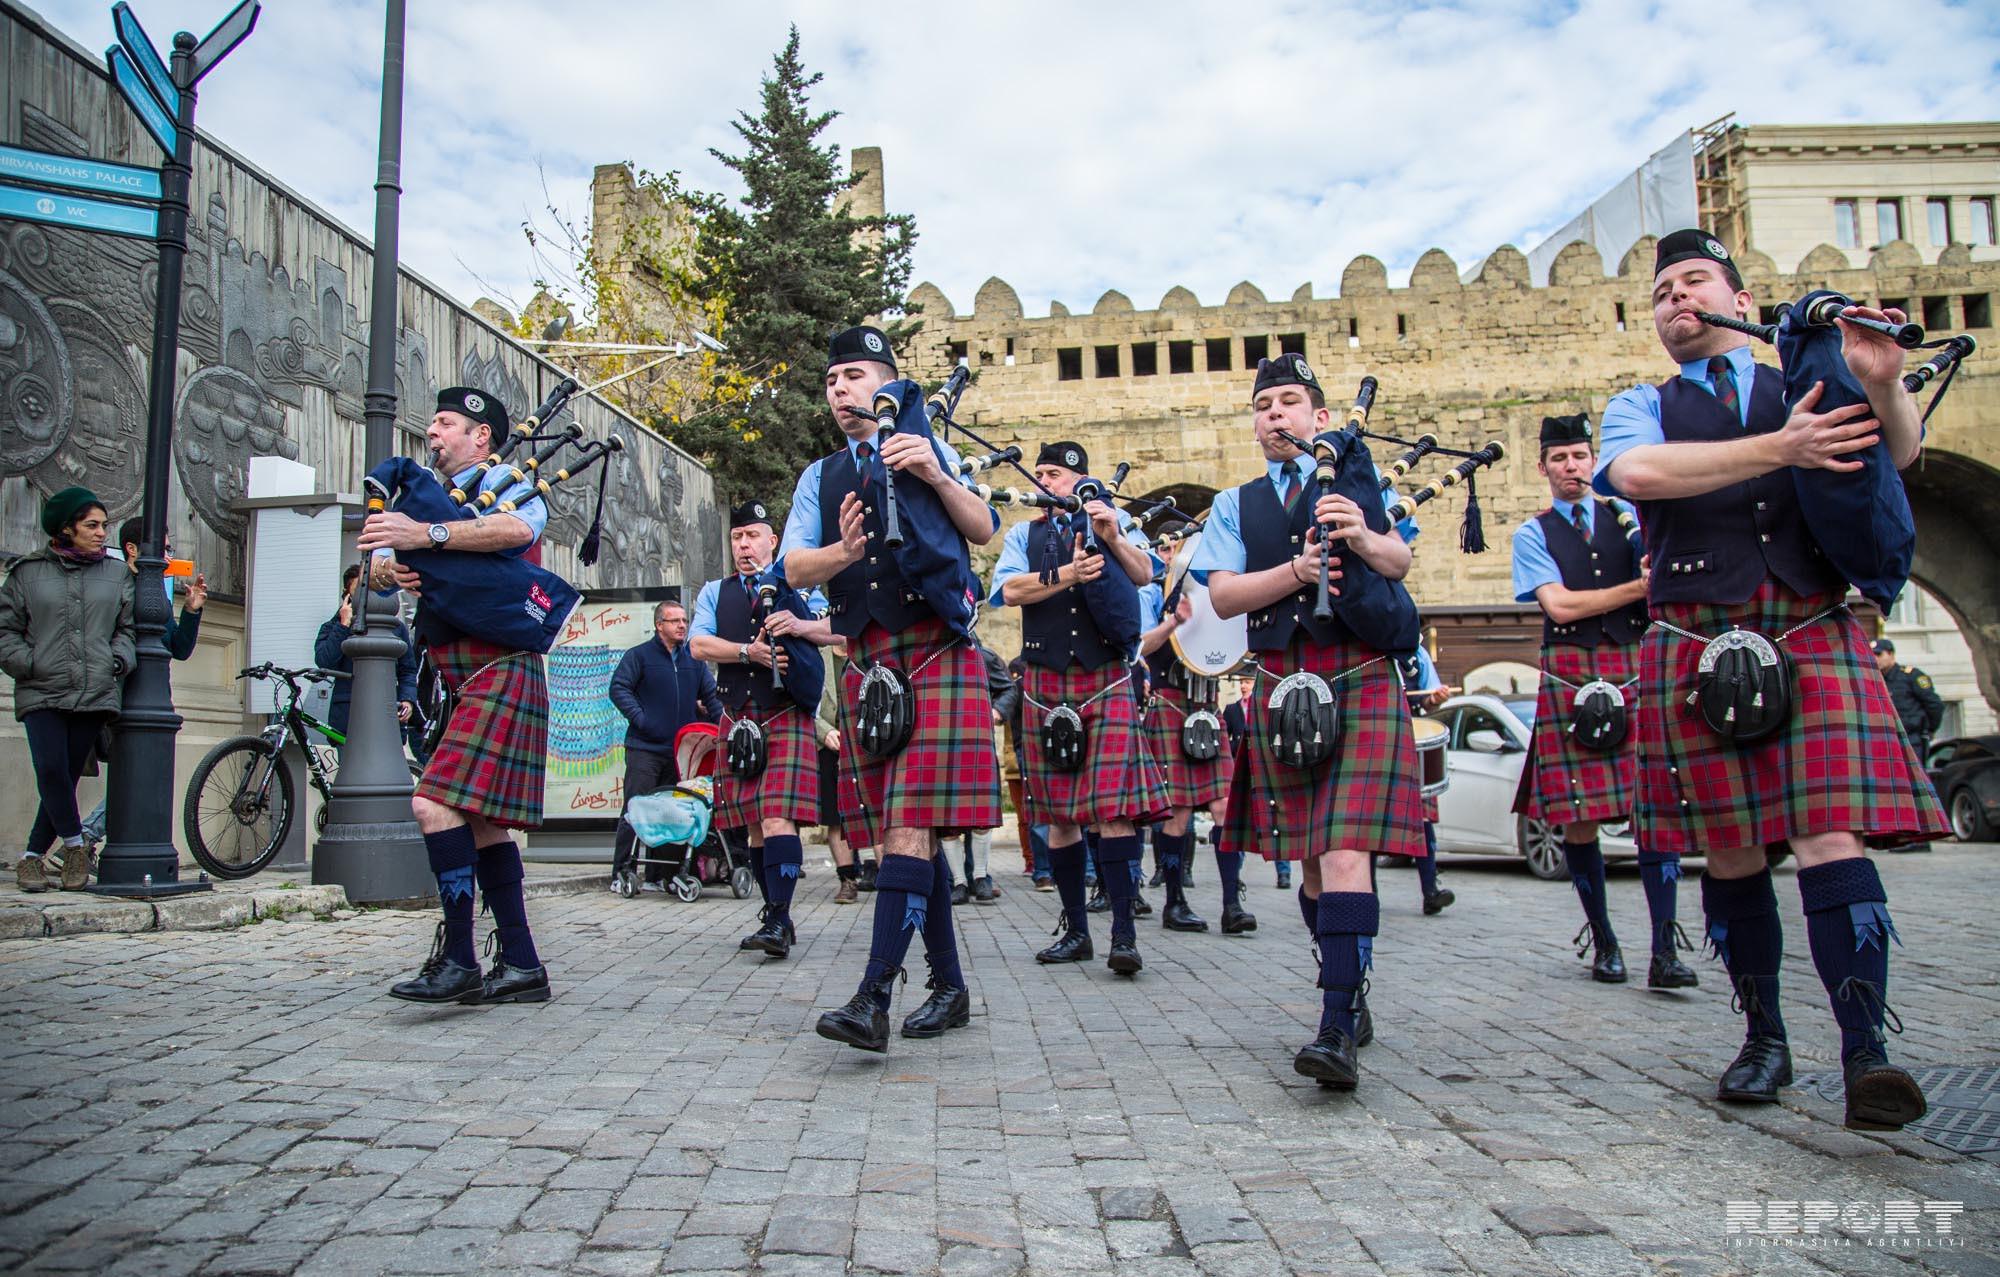 St Andrew's Day Scotland